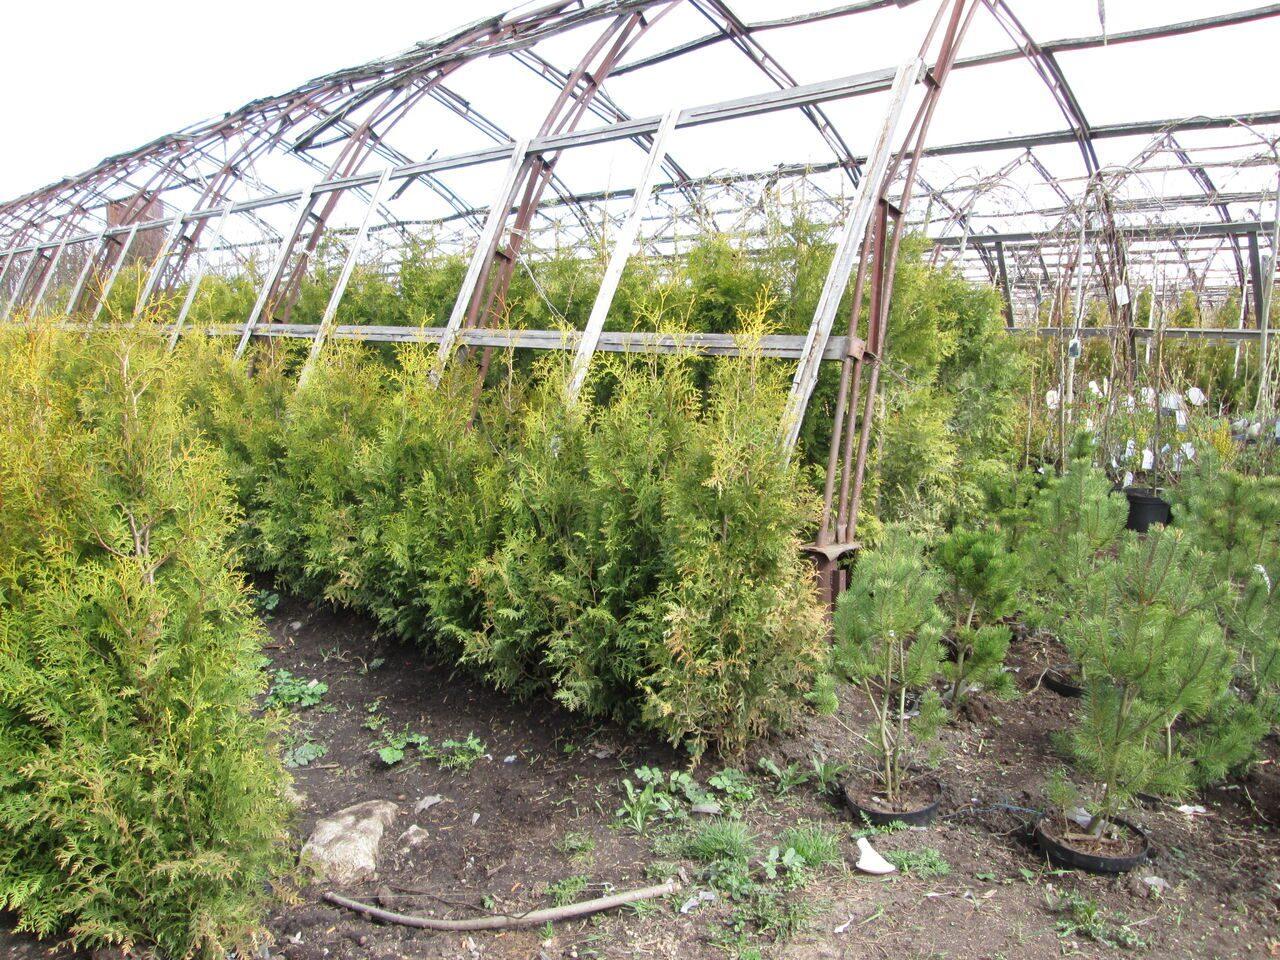 Купить рассаду в Санкт-Петербурге для сада и огорода 82